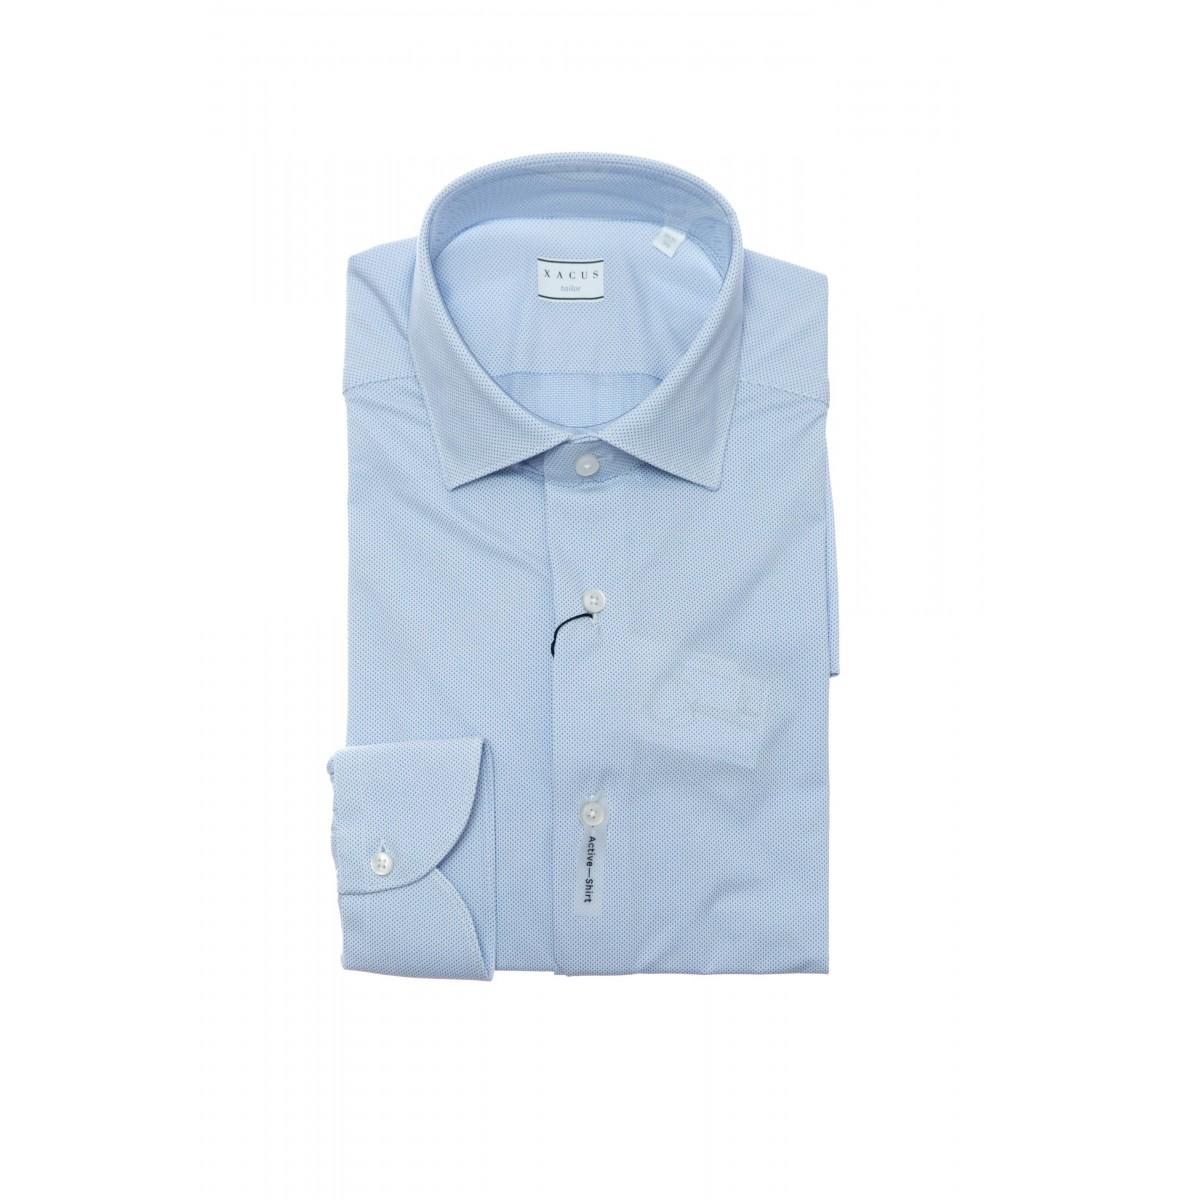 Camicia uomo - 51468 camicia active shirt strech